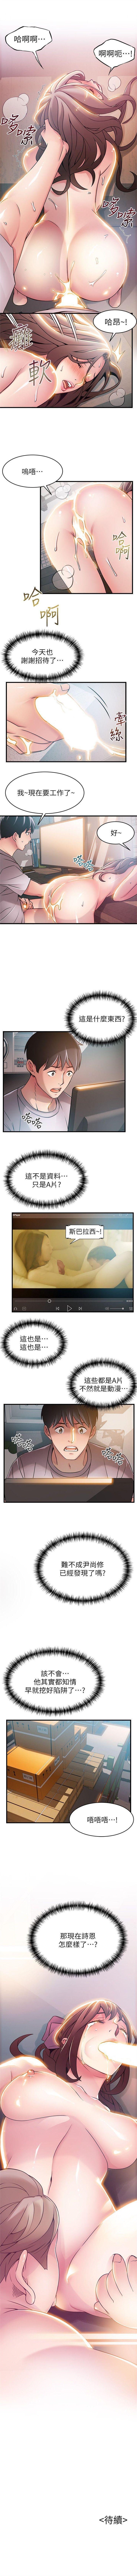 (週7)弱點 1-76 中文翻譯(更新中) 161